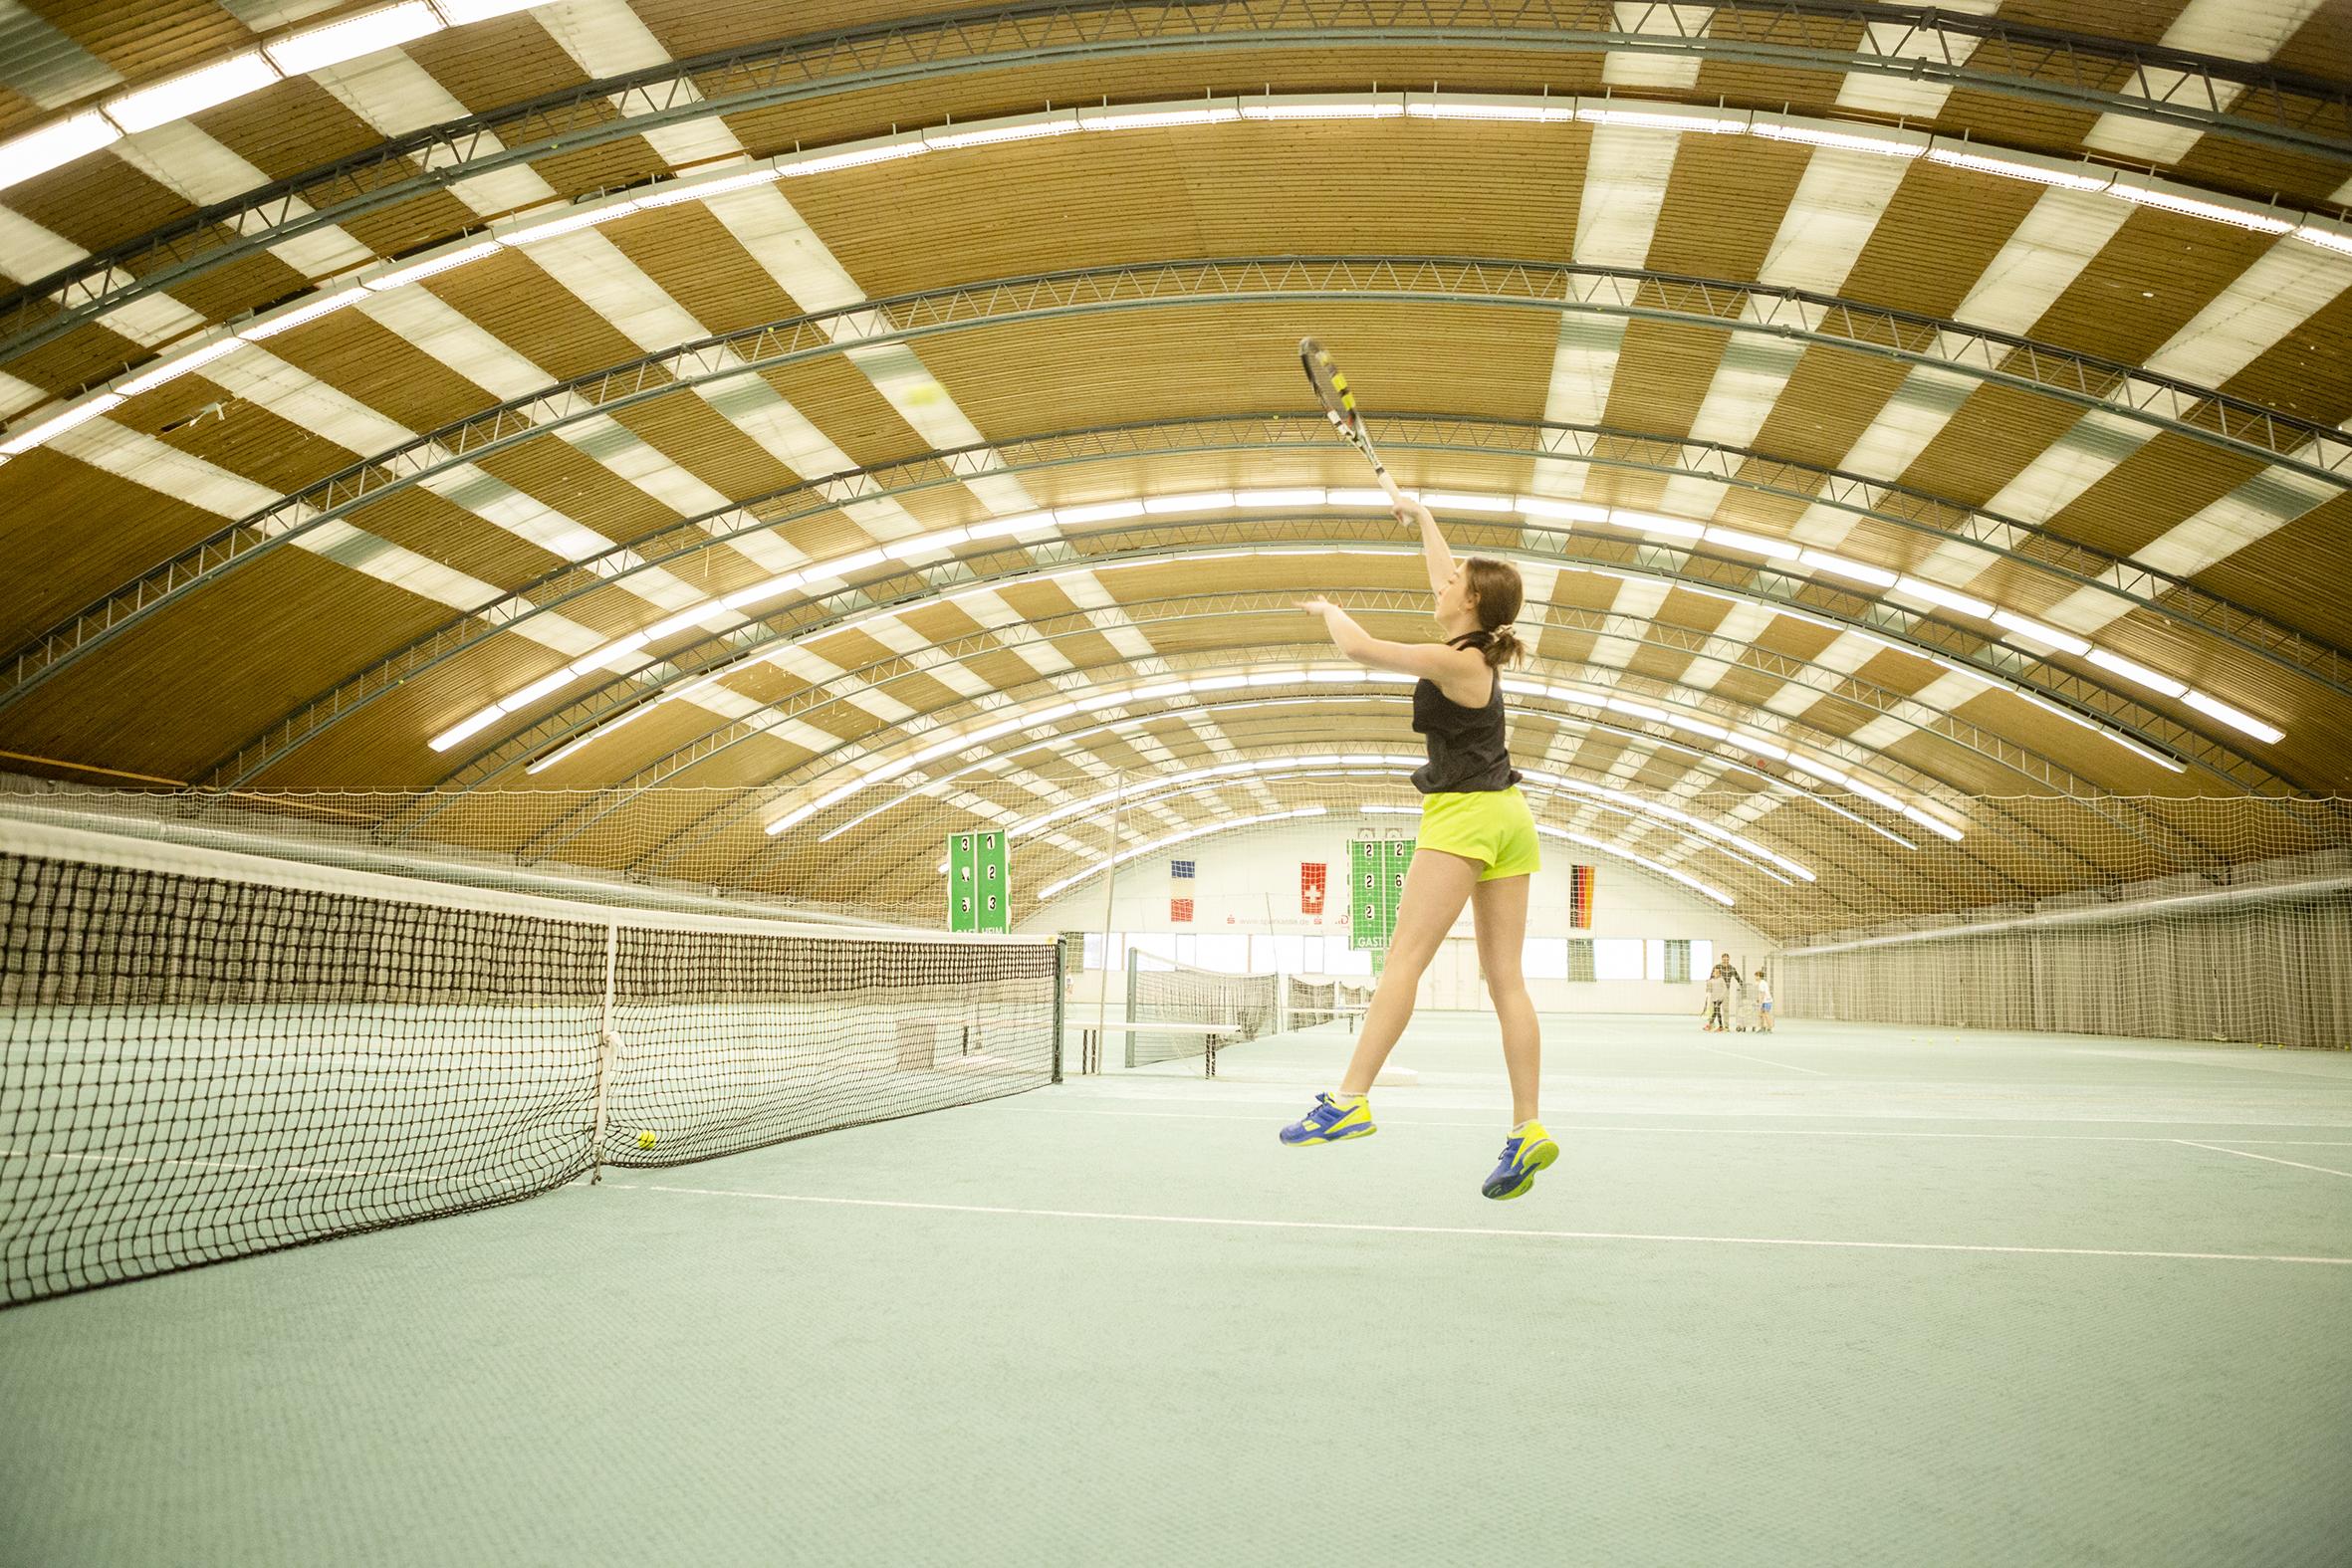 Tennis - Ballsportarena Grenzach